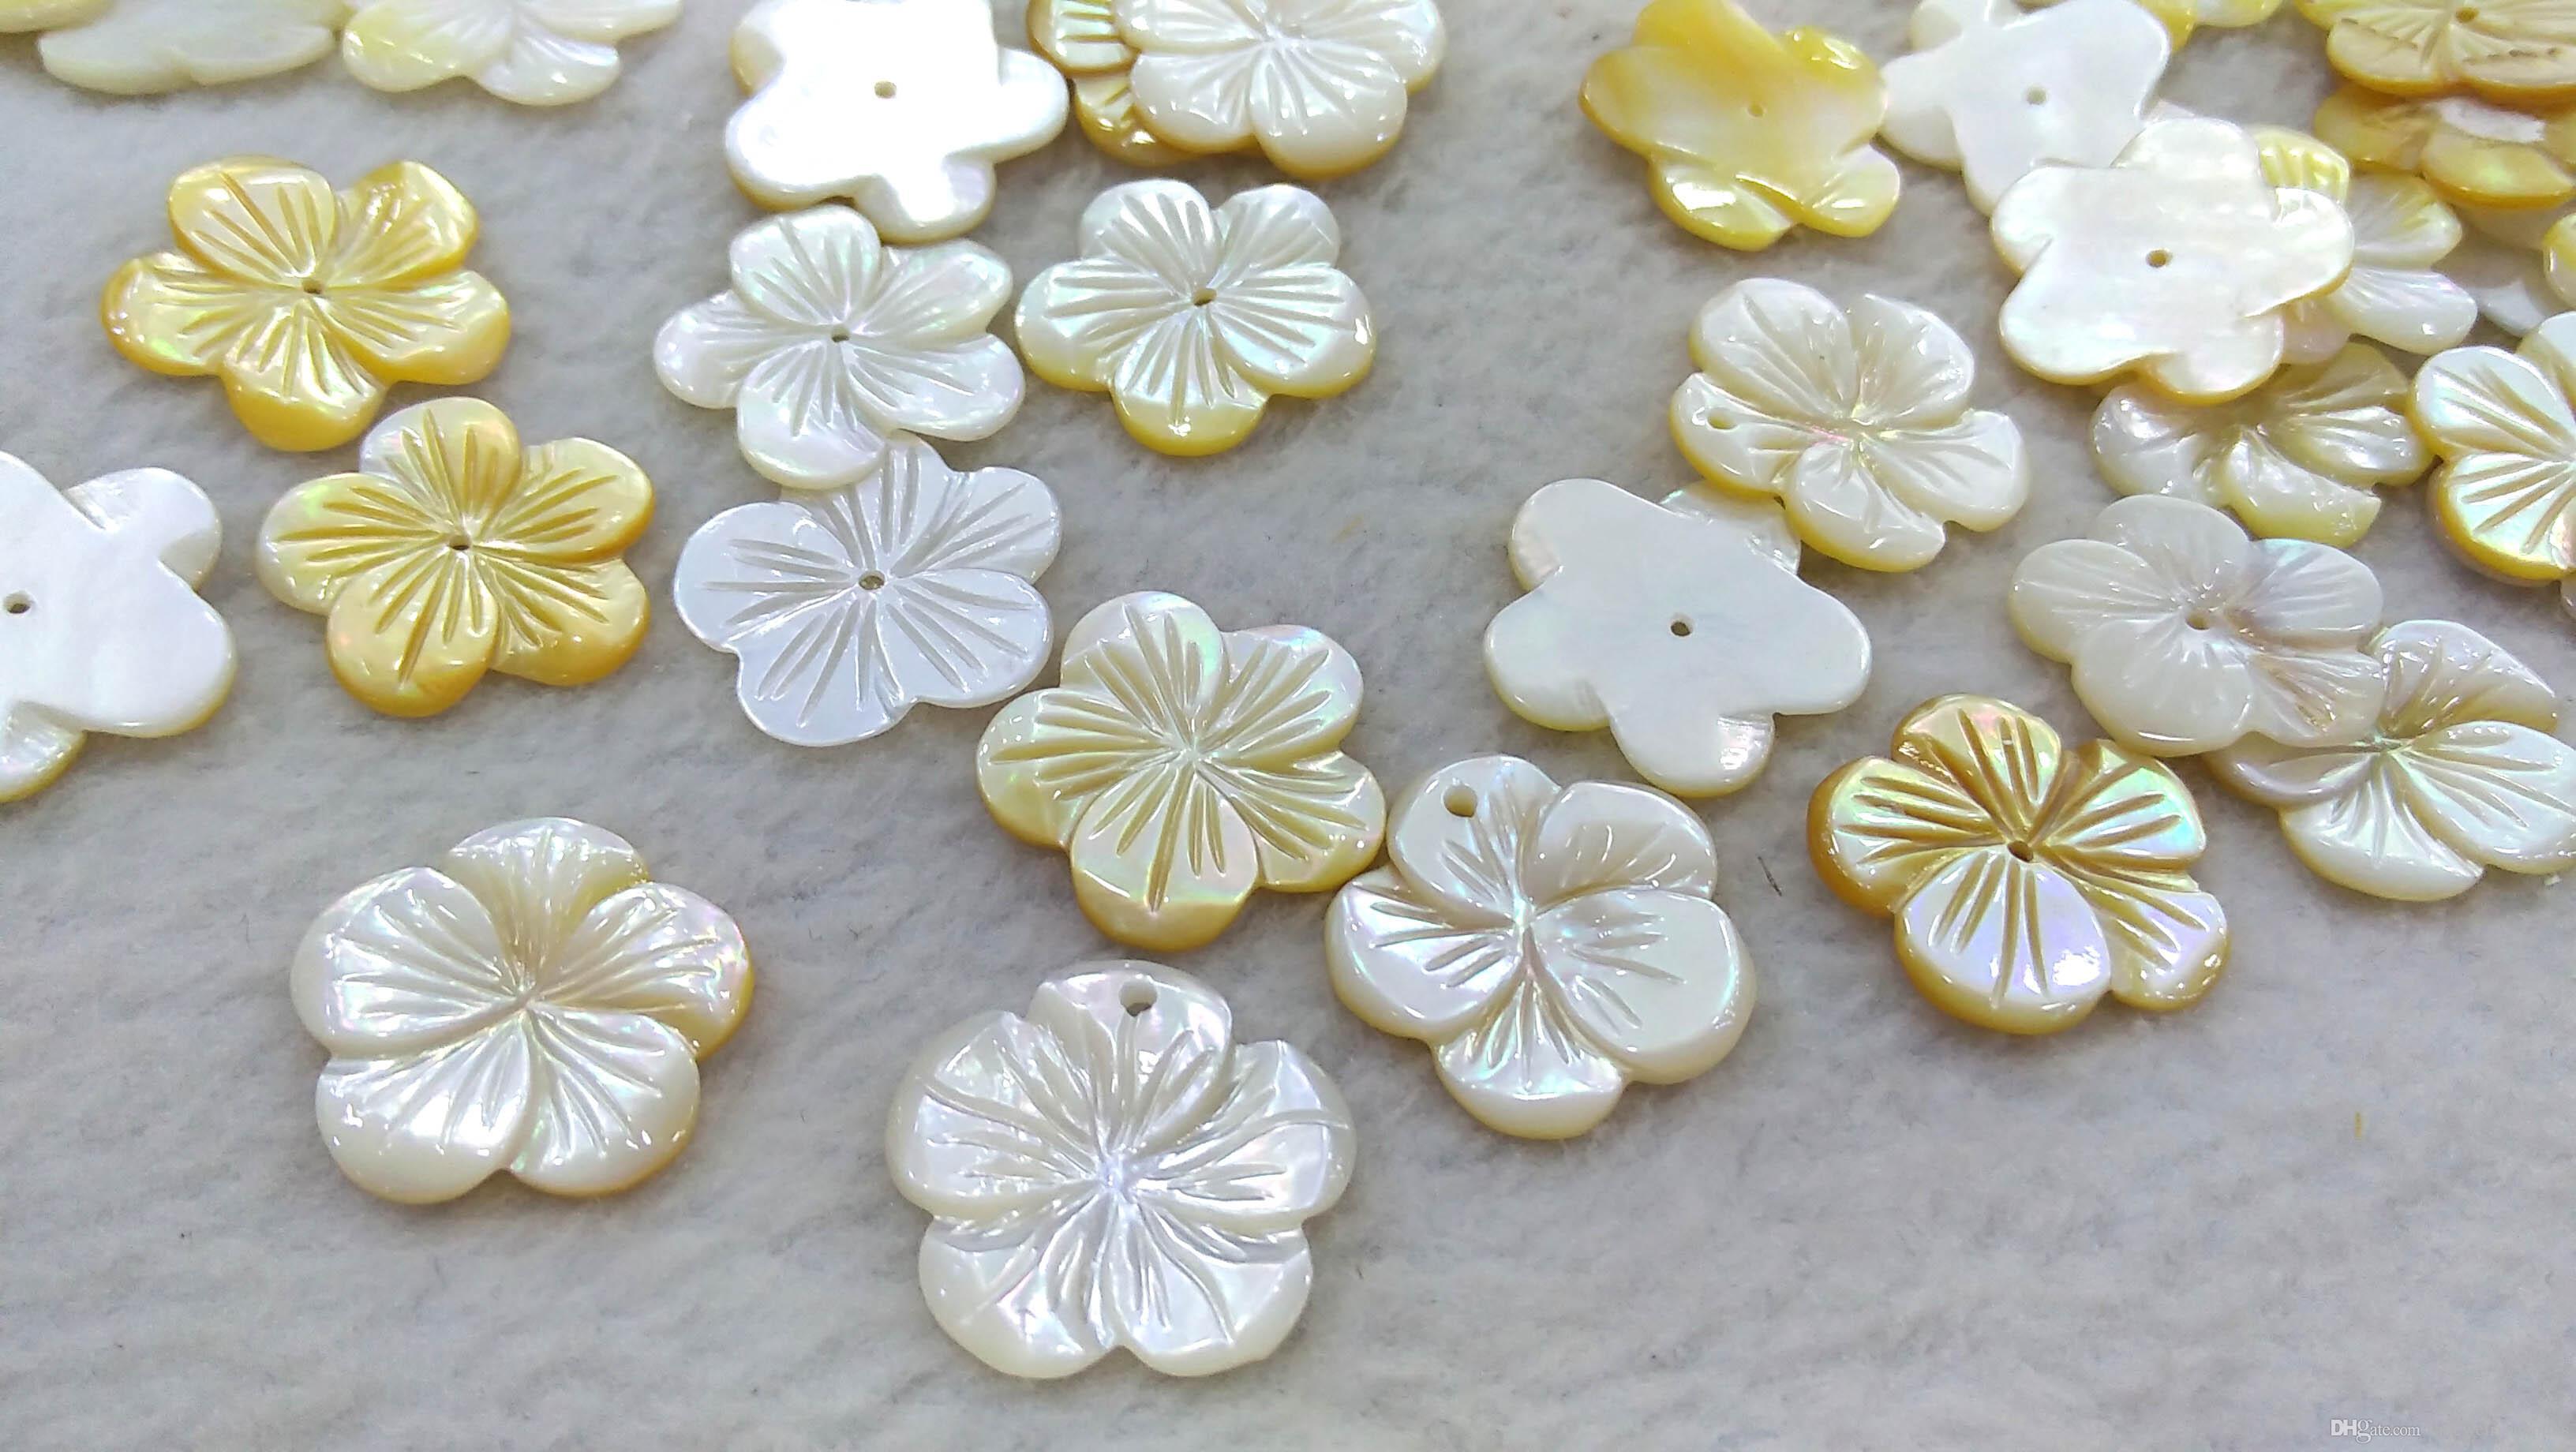 10 Pcs 10mm 3 Pétalos Flor de concha blanco natural Madre de Perla Cuentas Sueltas